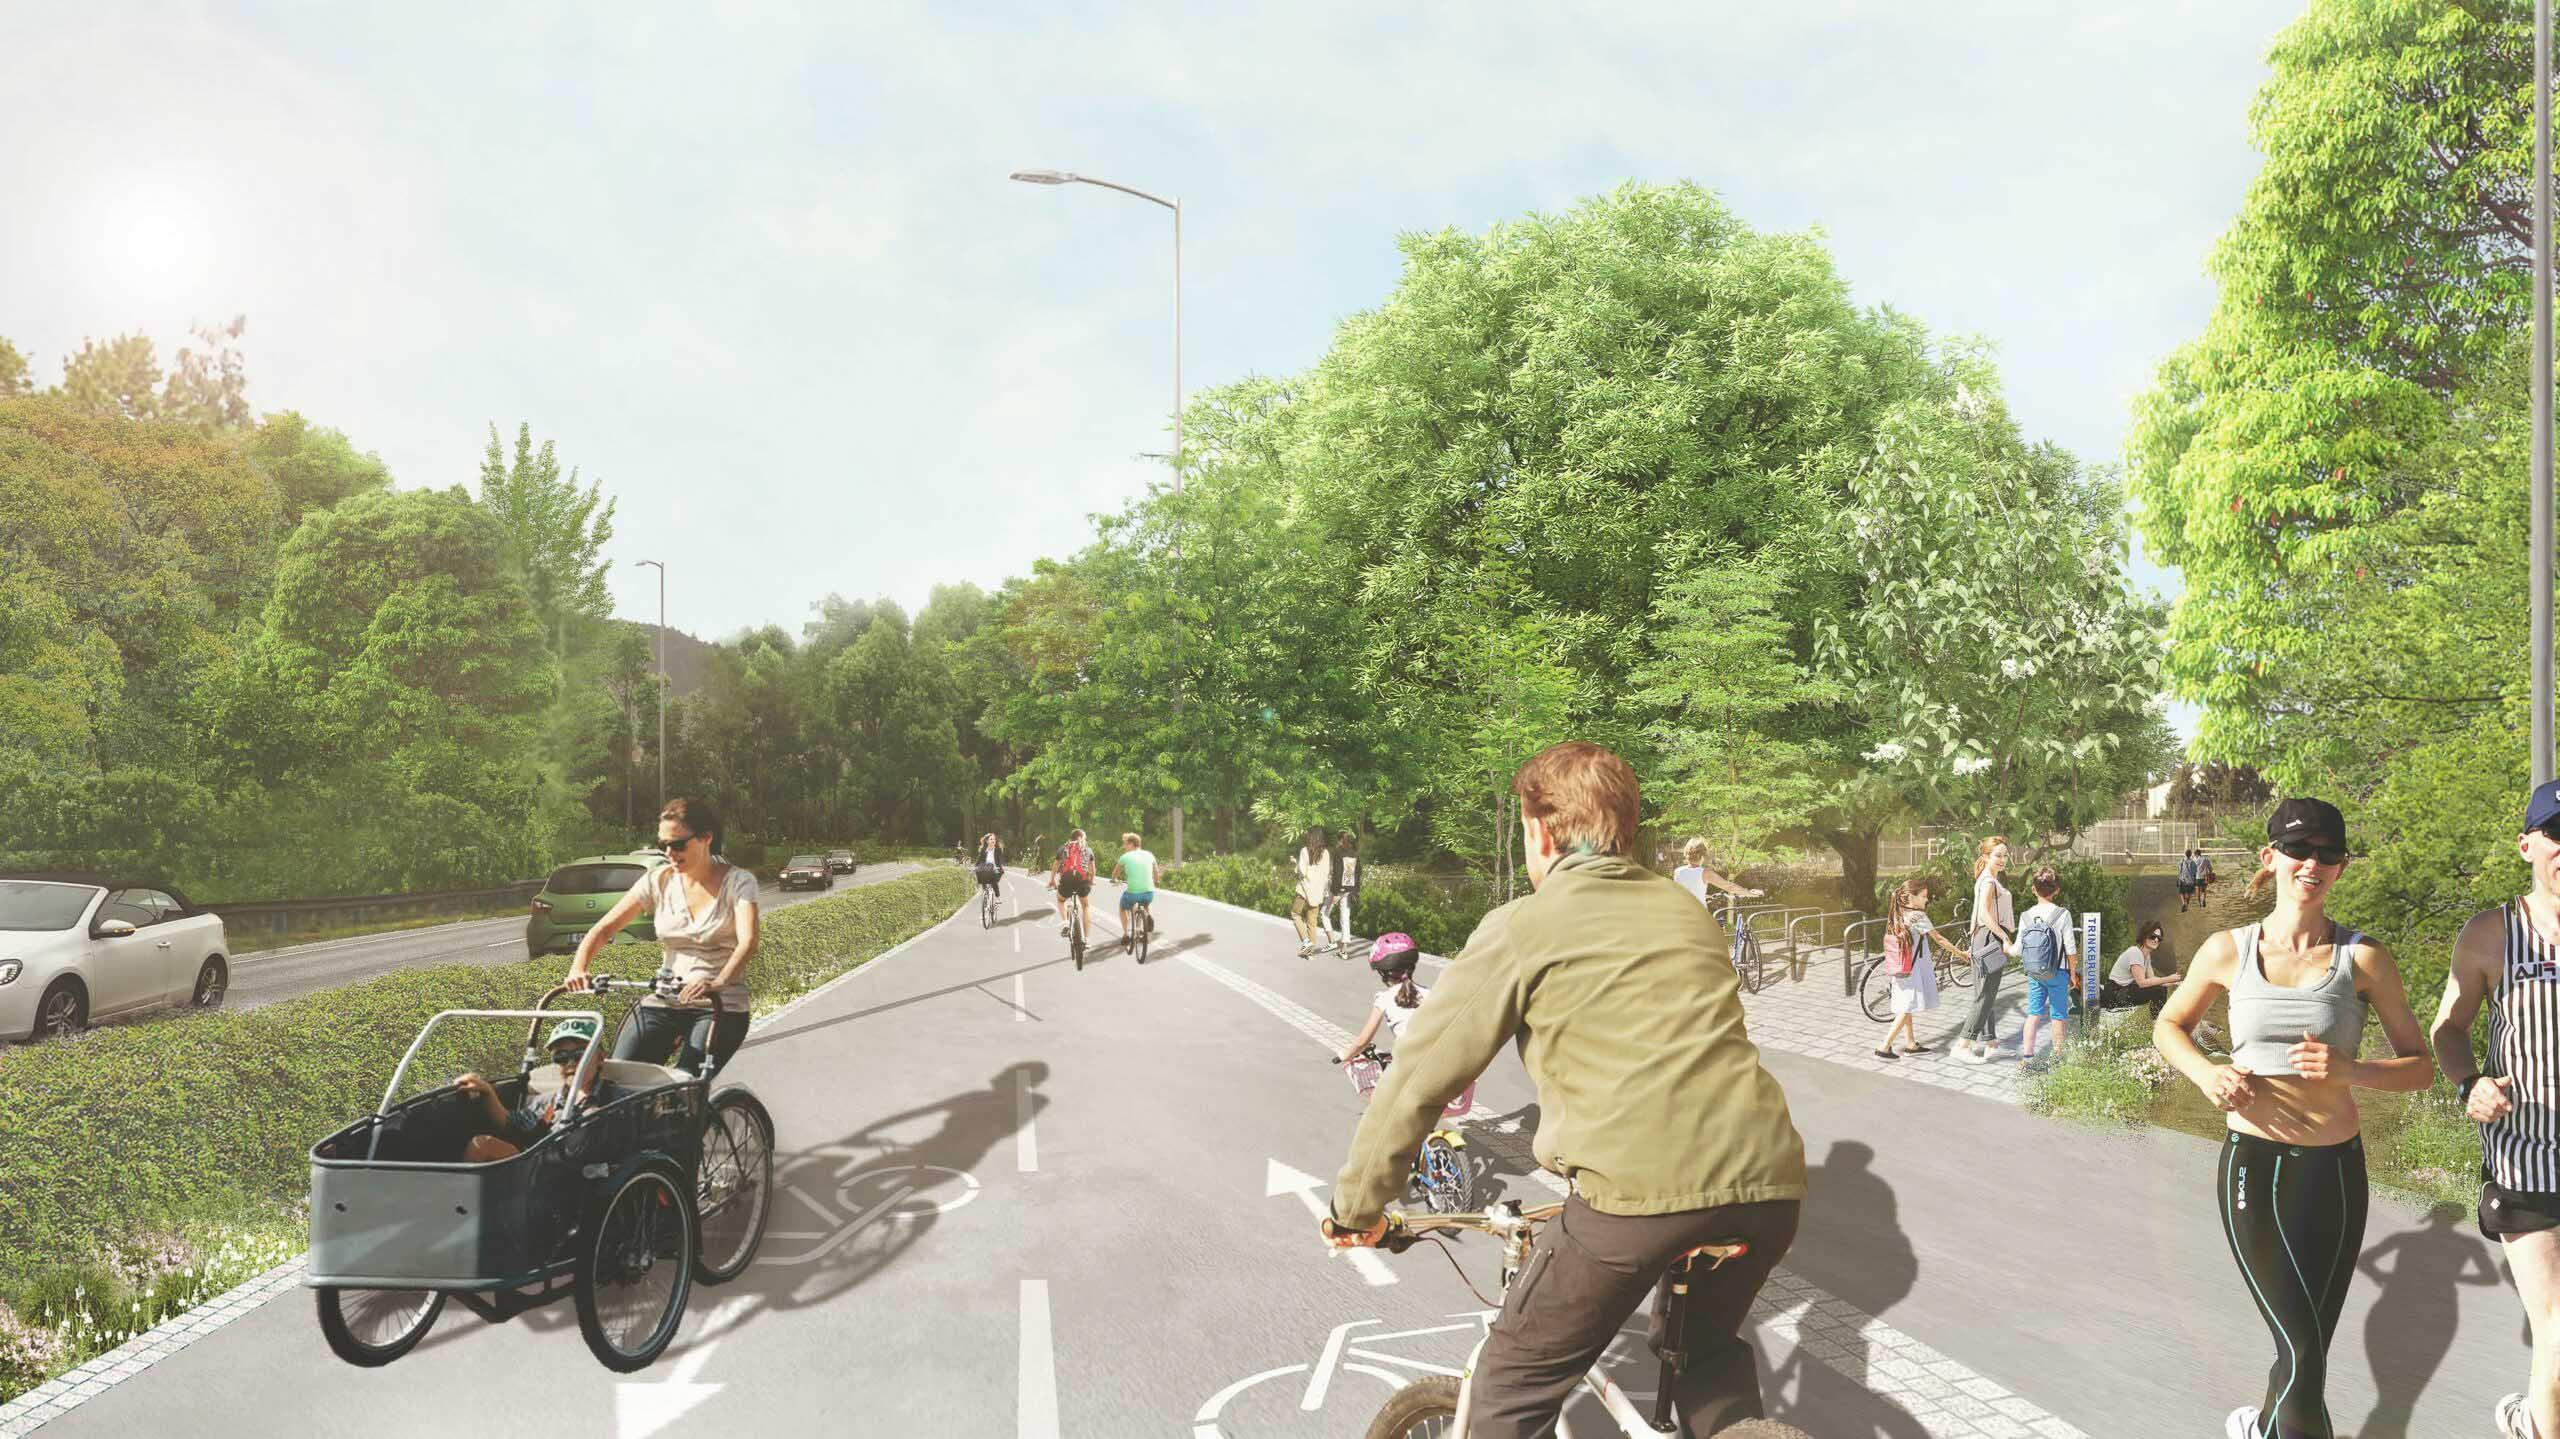 Abtrennungsbild mit Personen die auf dem Radweg fahren